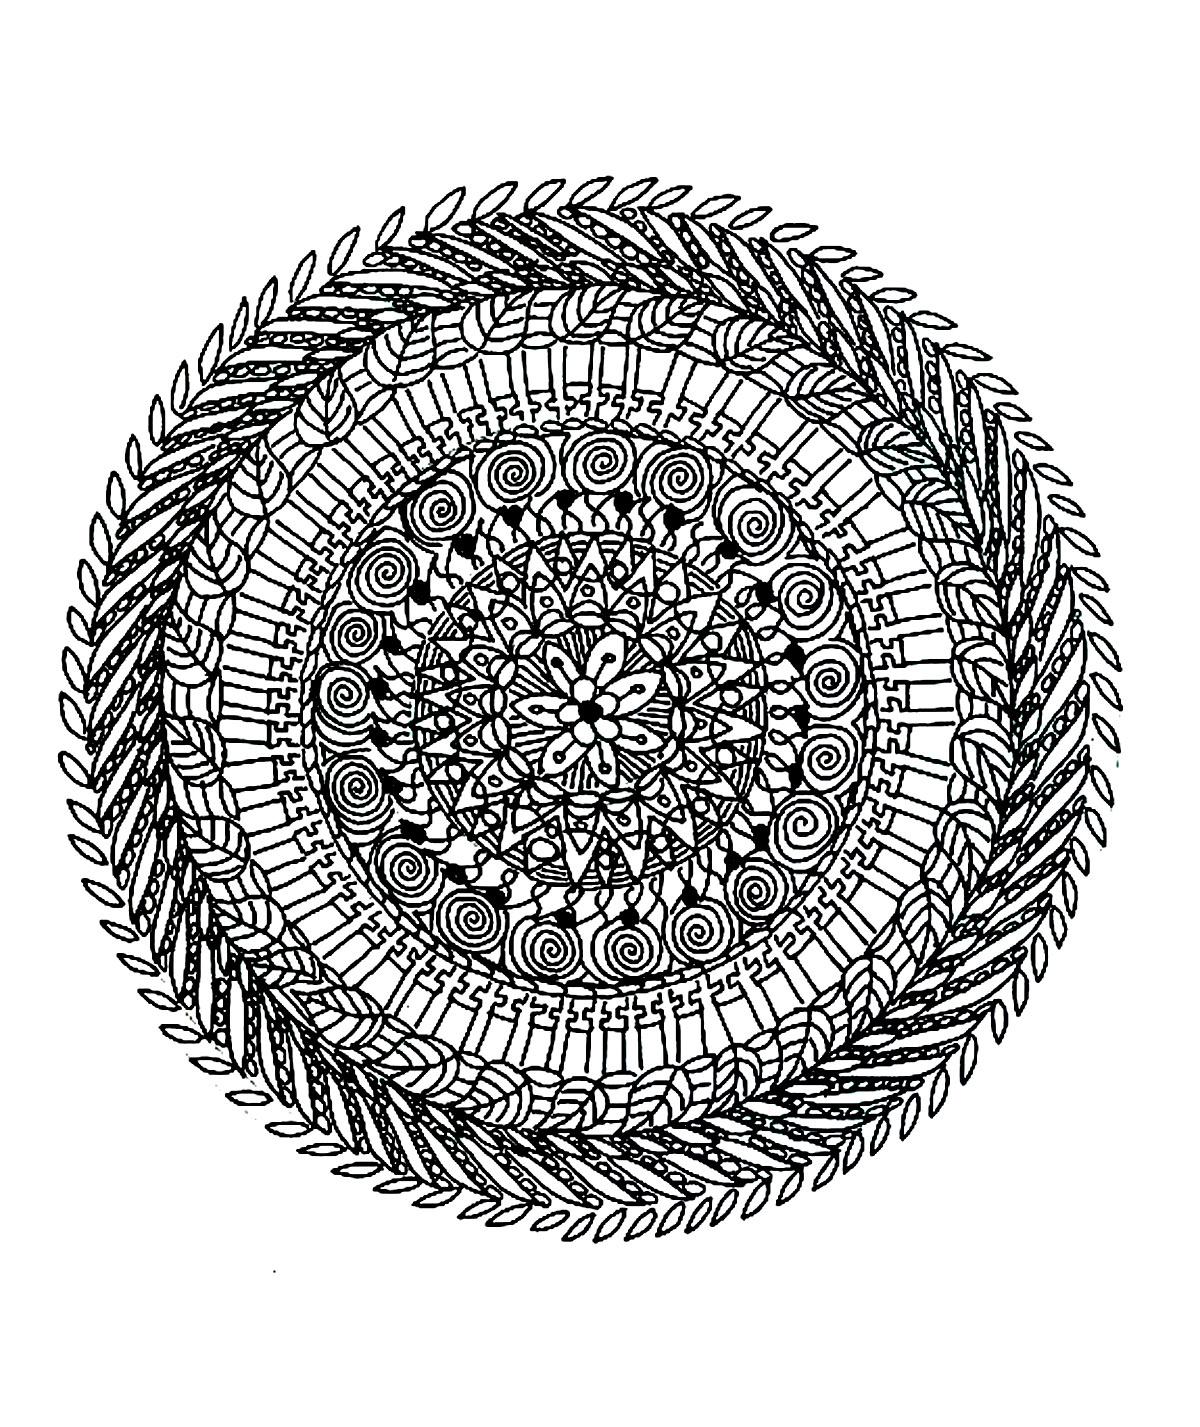 Coloriage De Mandala Complexe - Mandalas Très Difficiles encequiconcerne Coloriage De Mandala Difficile A Imprimer